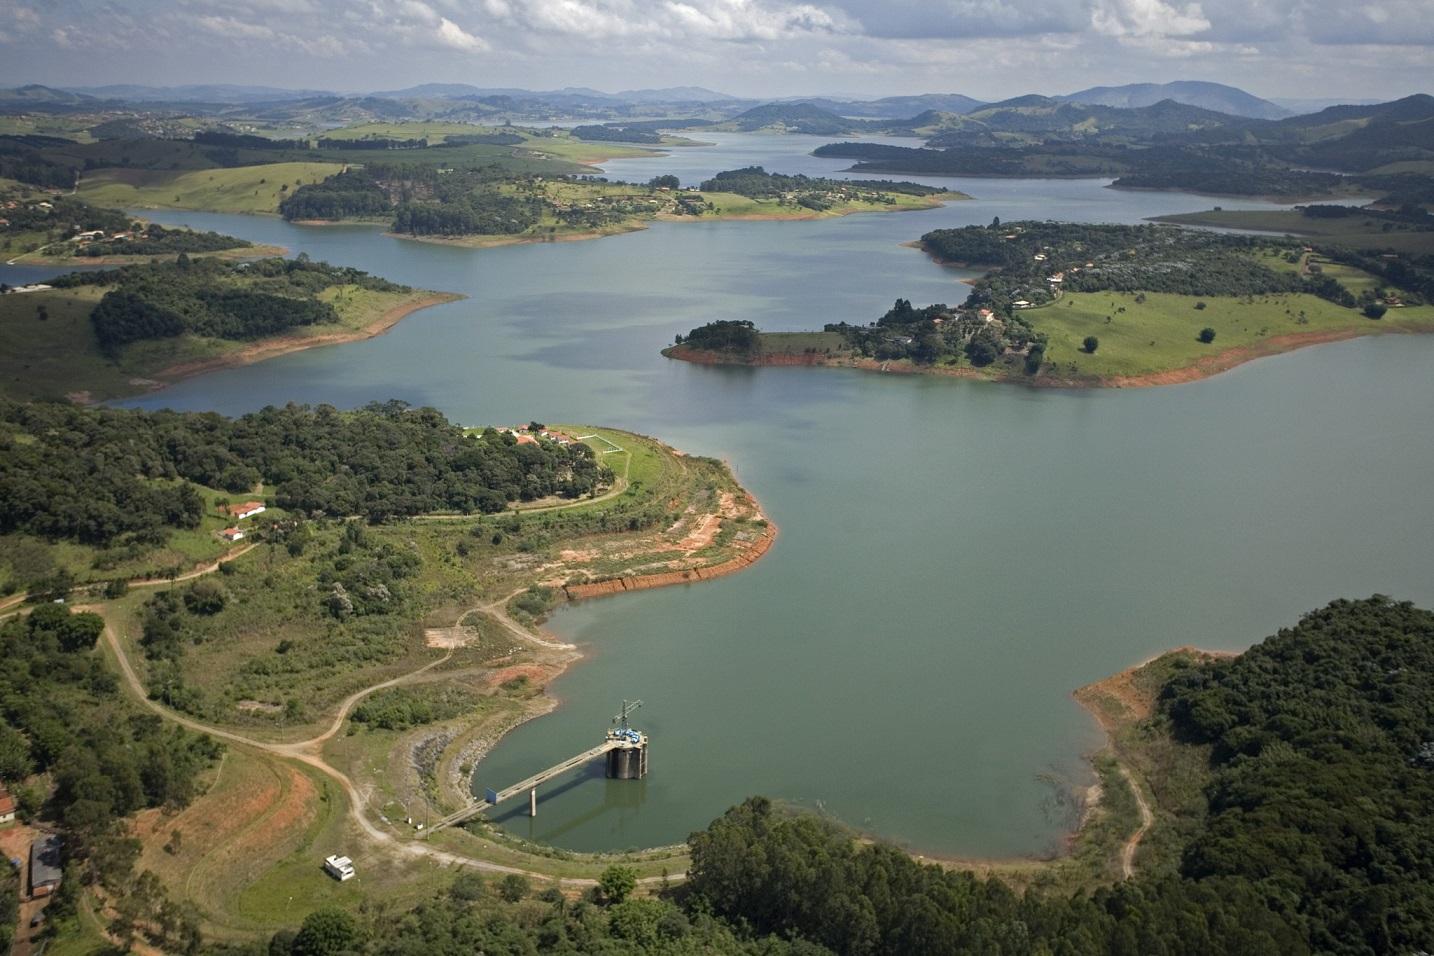 Imagem aérea do sistema Cantareira durante a crise hídrica de 2016. Foto Erik Lopes/TNC